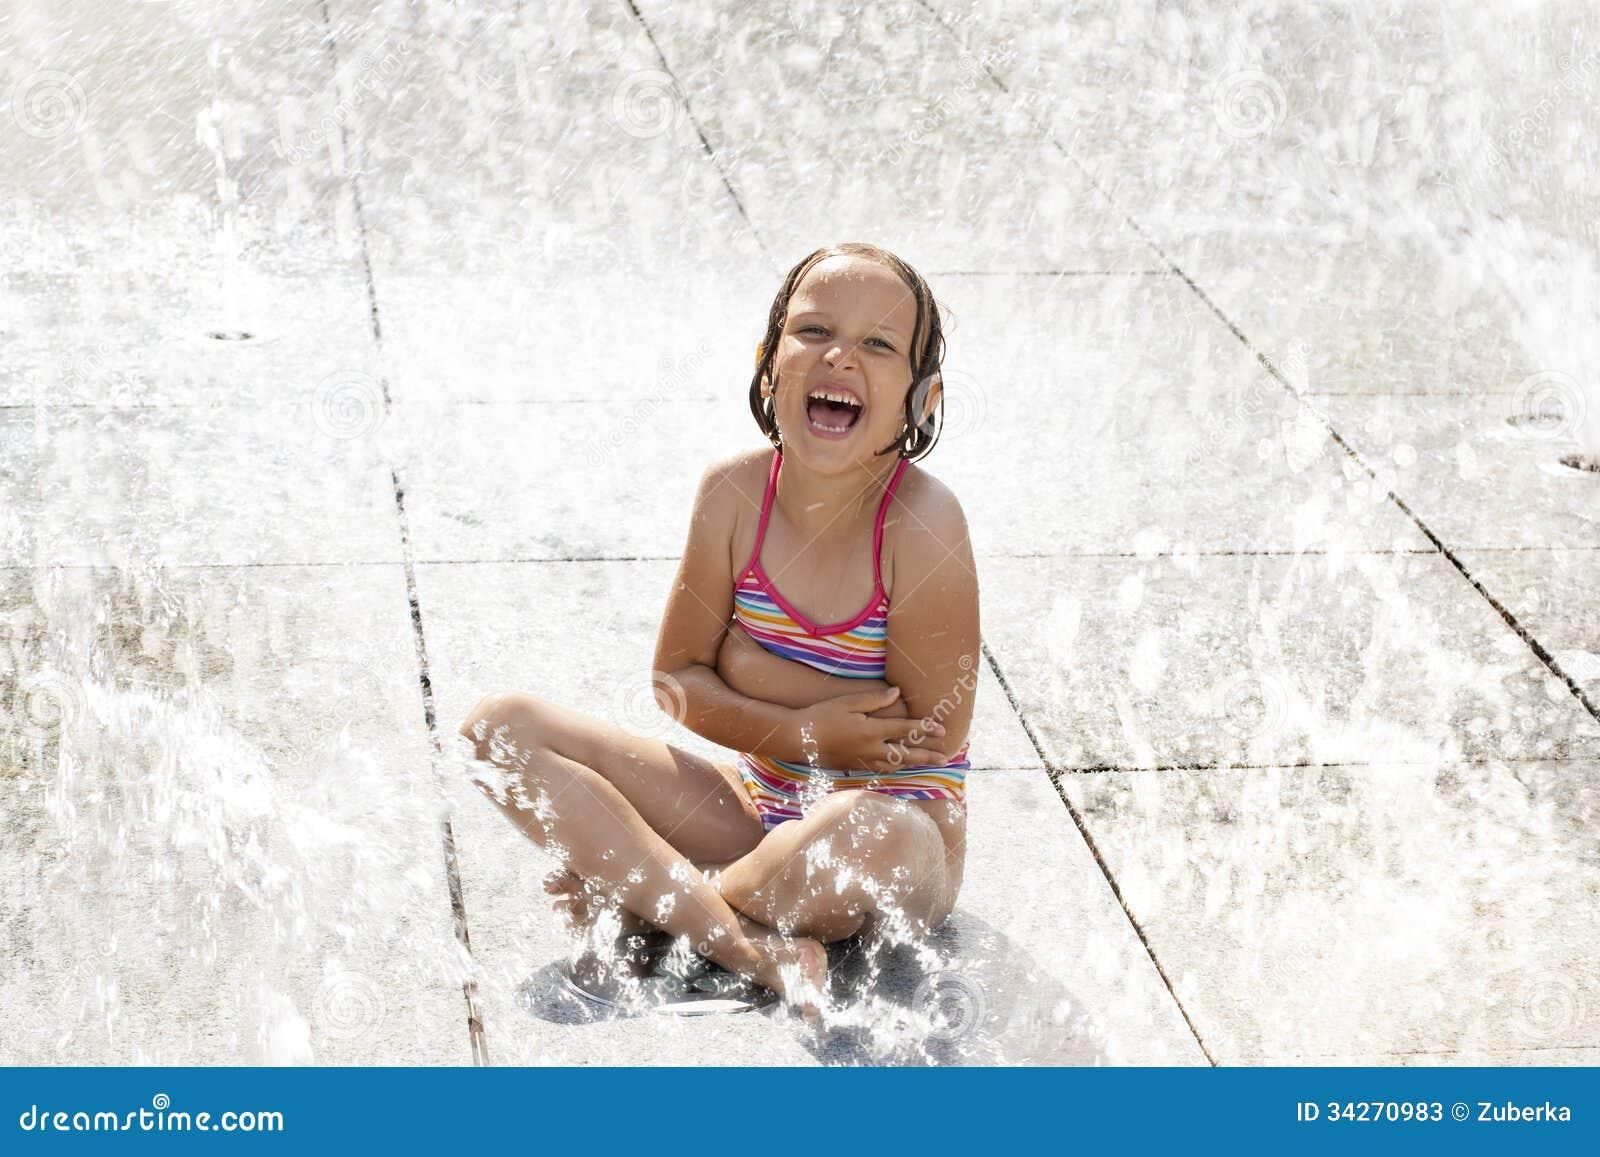 Xxx Wet Hot Summer Fun 79